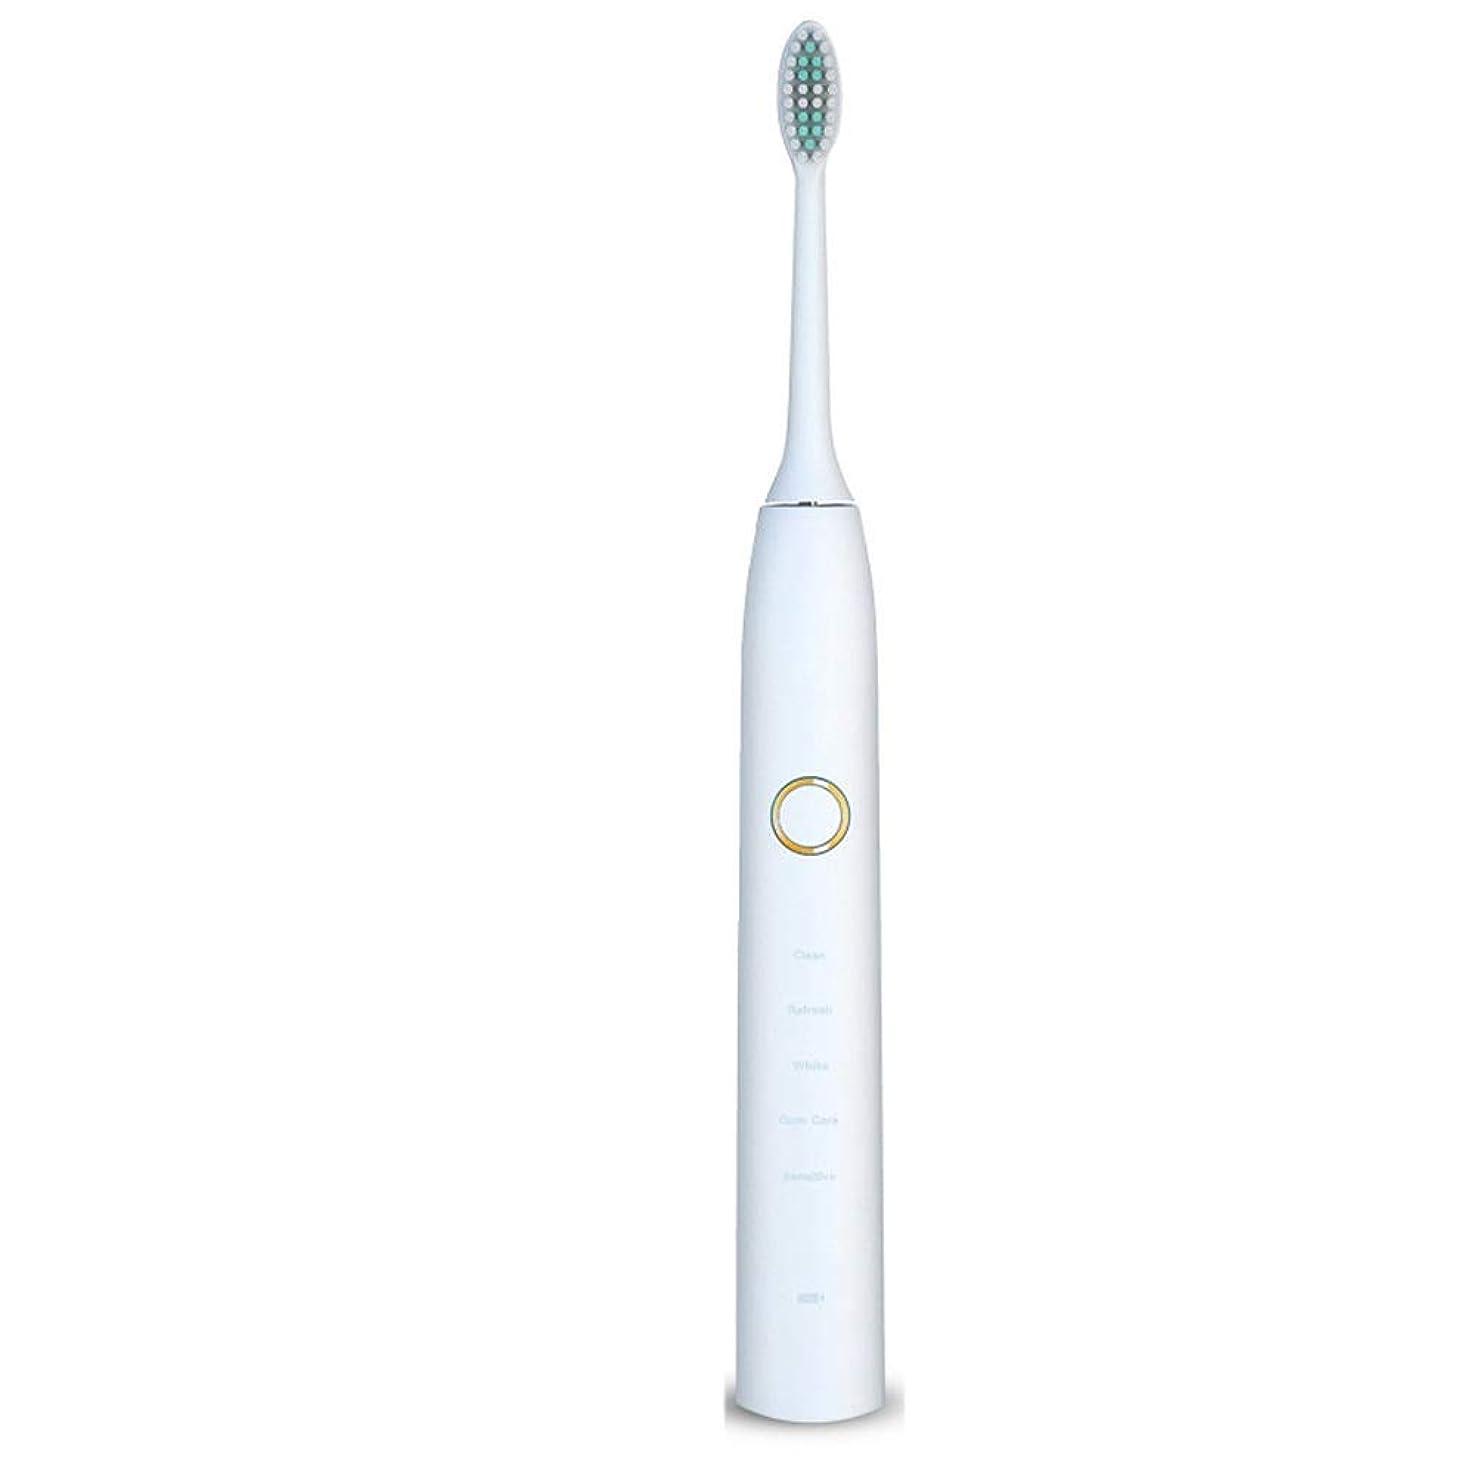 検査標高出会い電動歯ブラシ 電動歯ブラシUSB充電式ソフトヘア保護クリーンホワイトニング歯ブラシ ケアー プロテクトクリーン (色 : 白, サイズ : Free size)